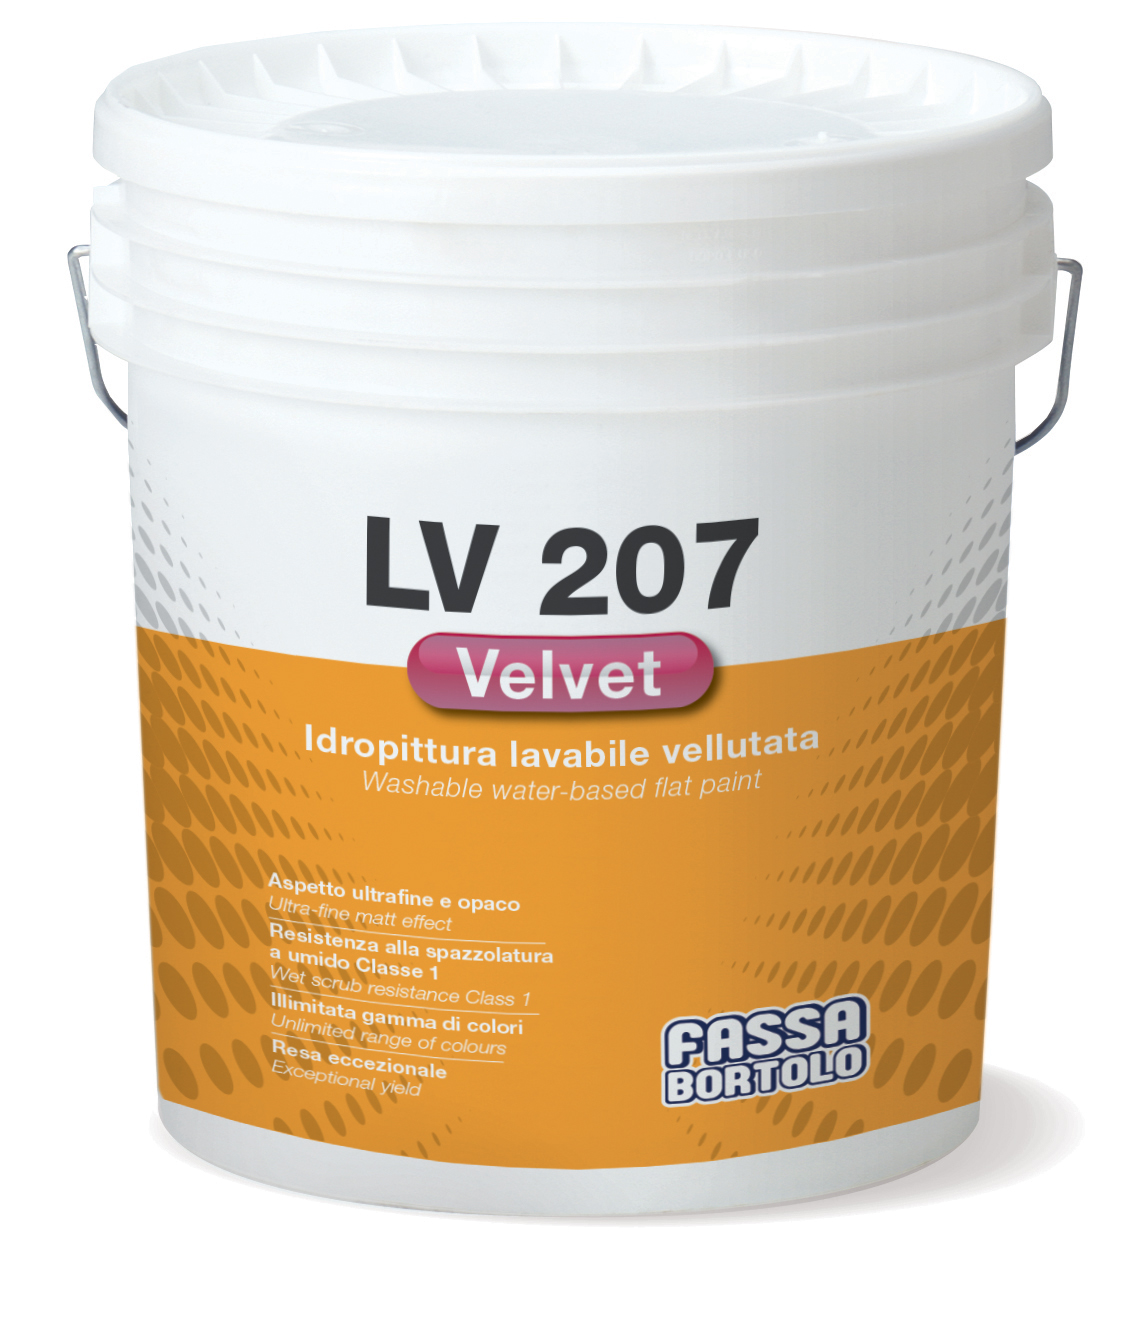 LV 207 VELVET